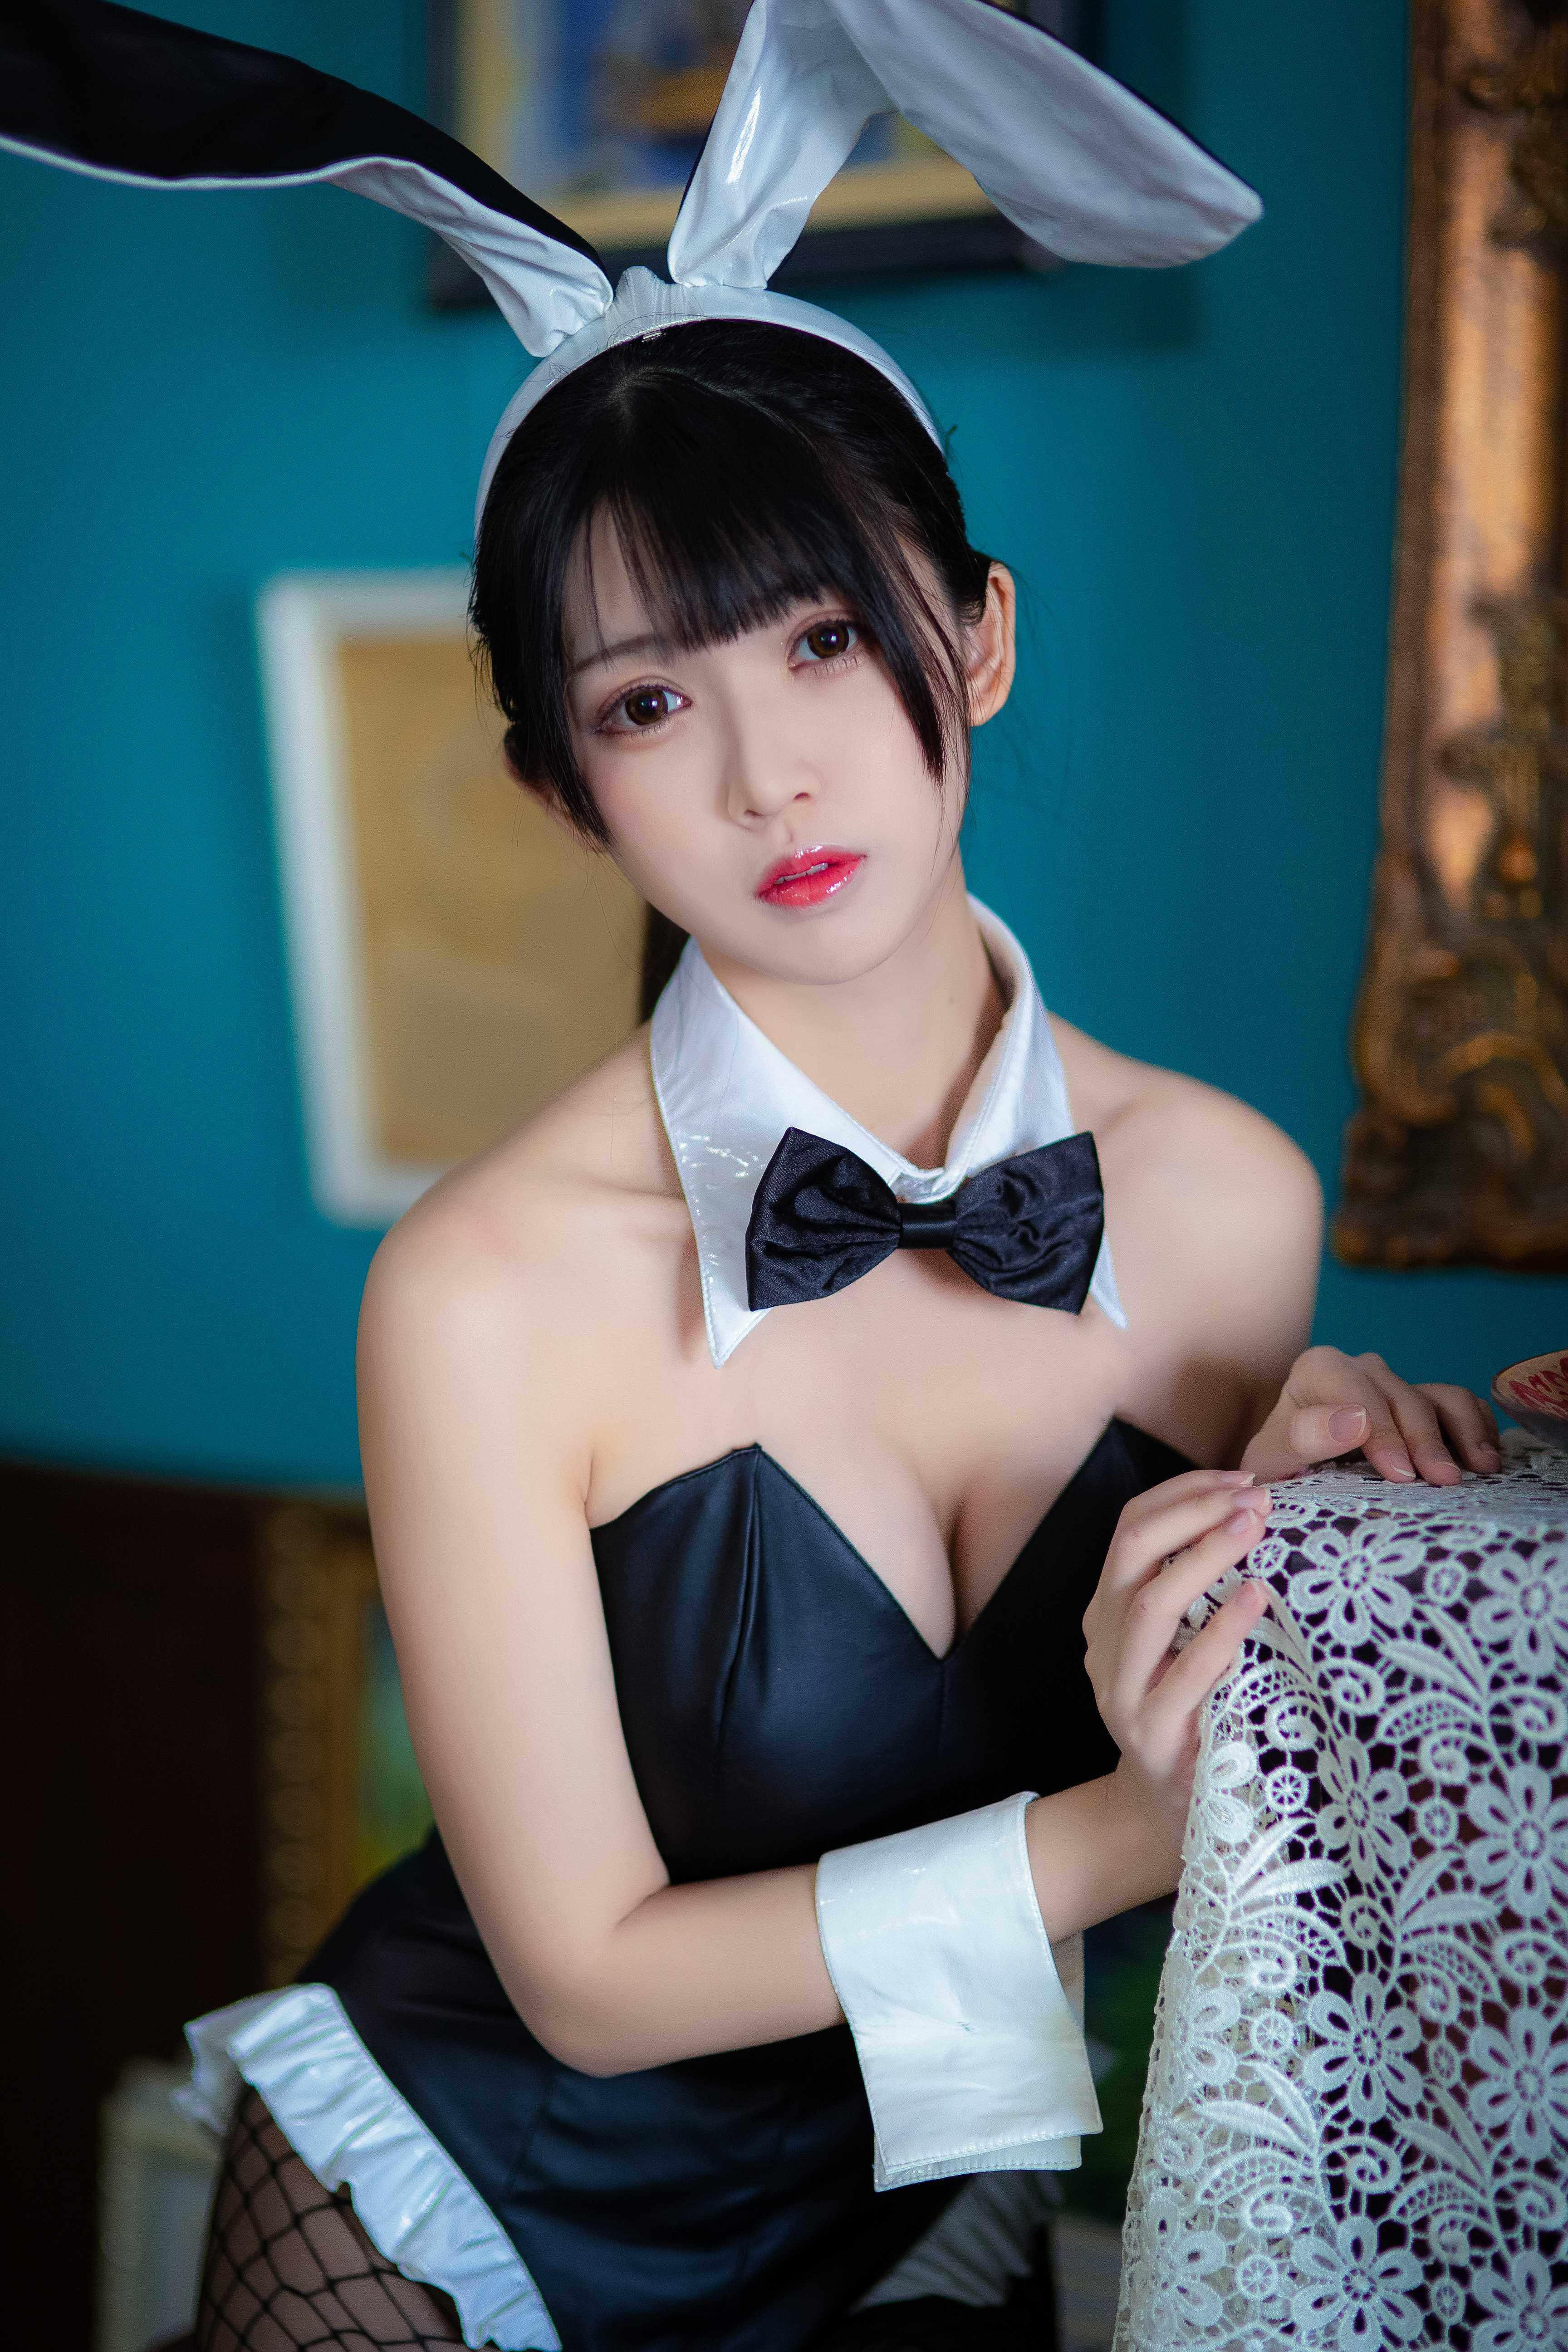 ⭐微博红人⭐鳗鱼霏儿Cos-加藤惠 兔女郎3.jpg